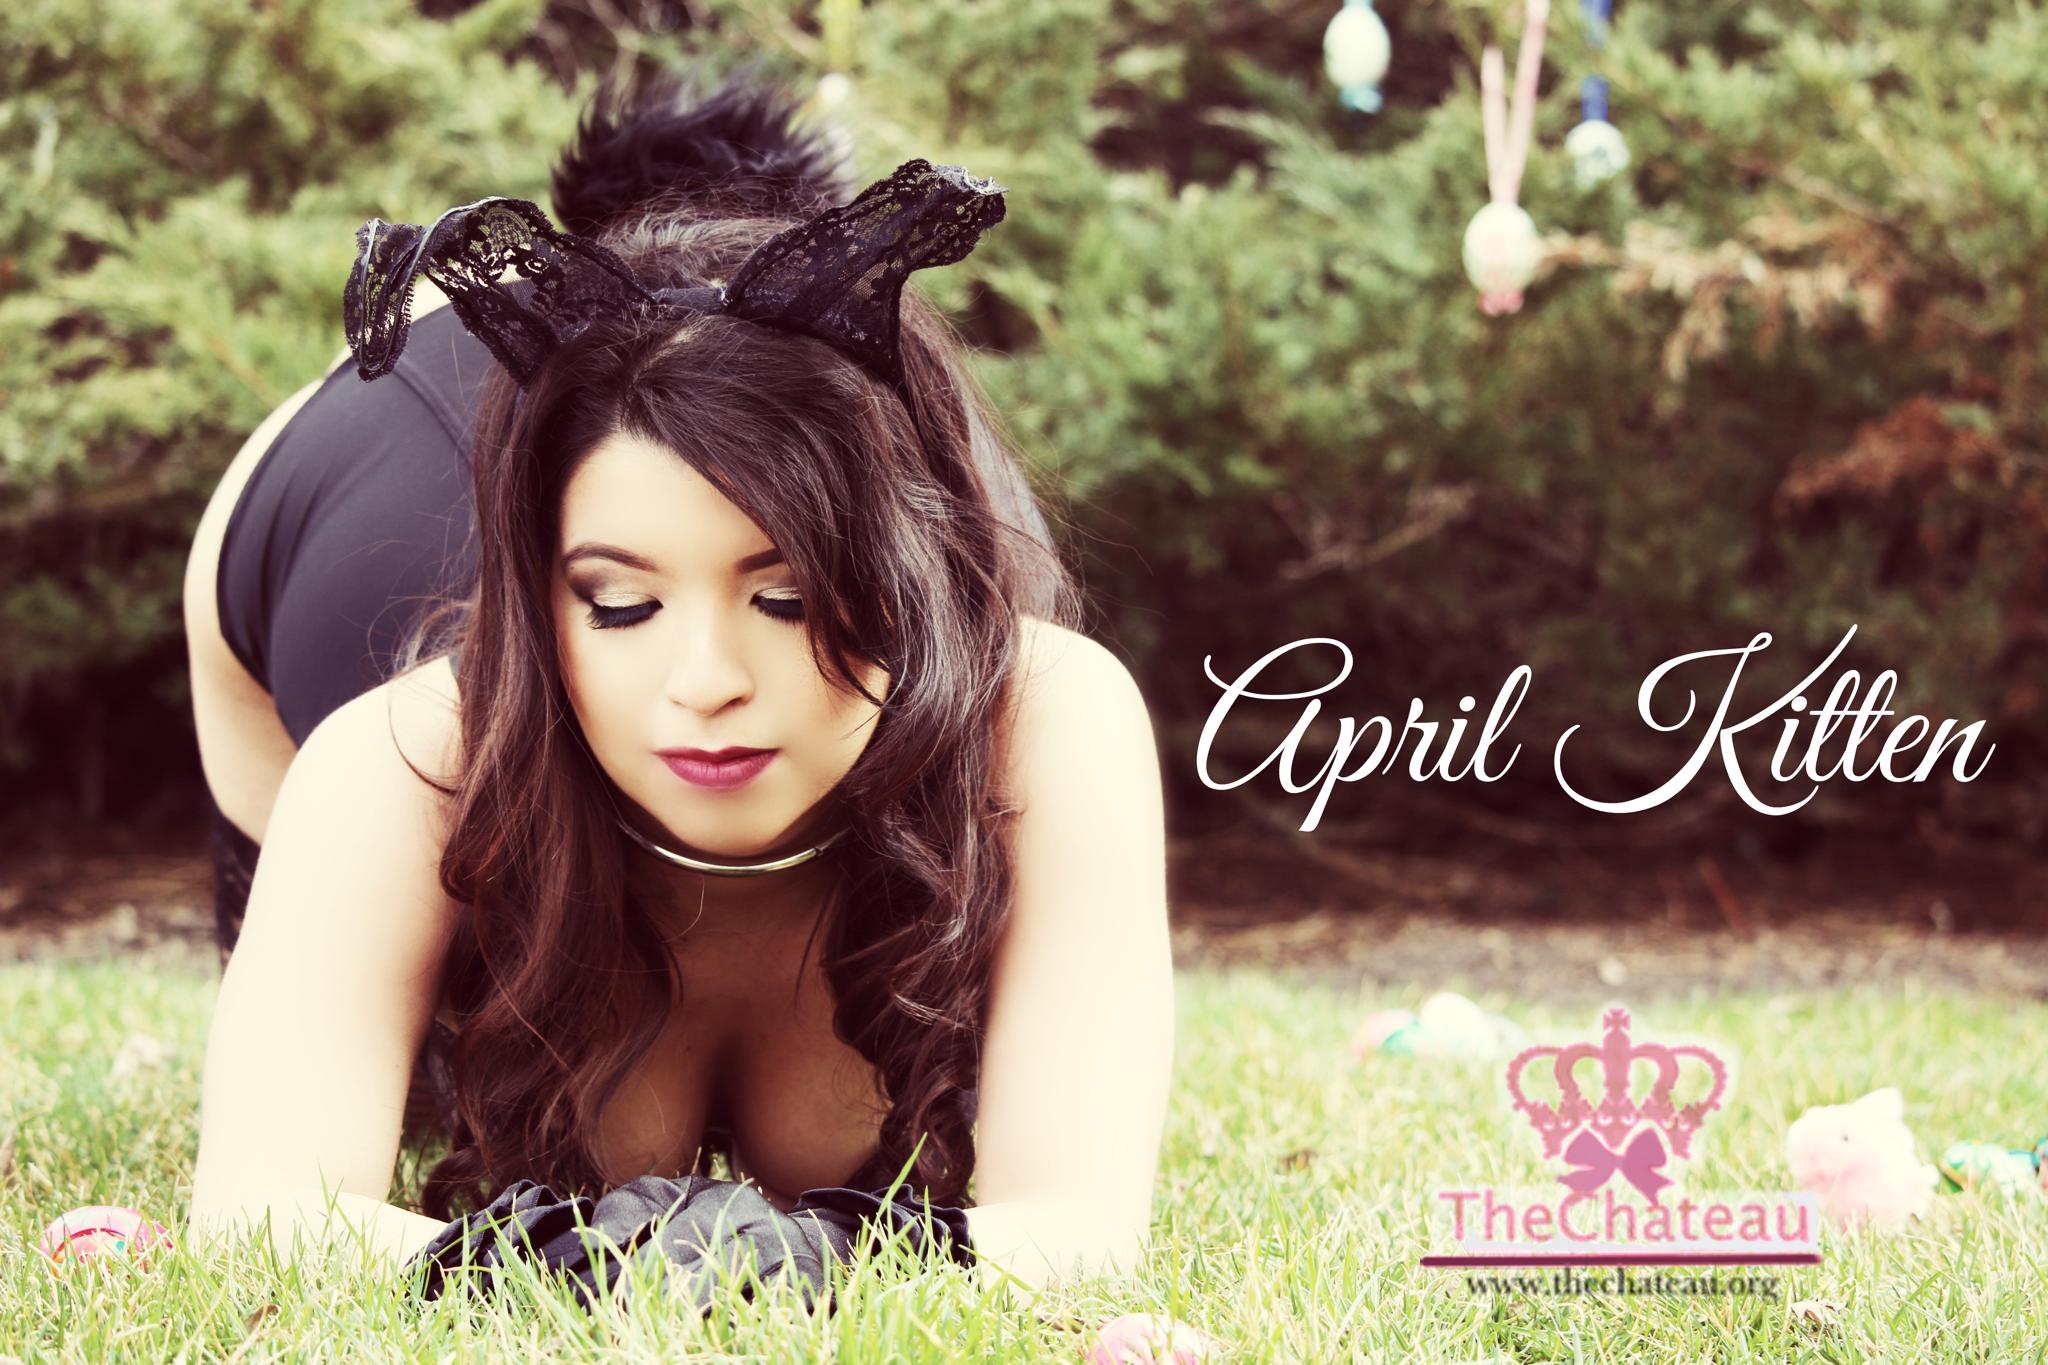 April's Easter shoot post thumbnail